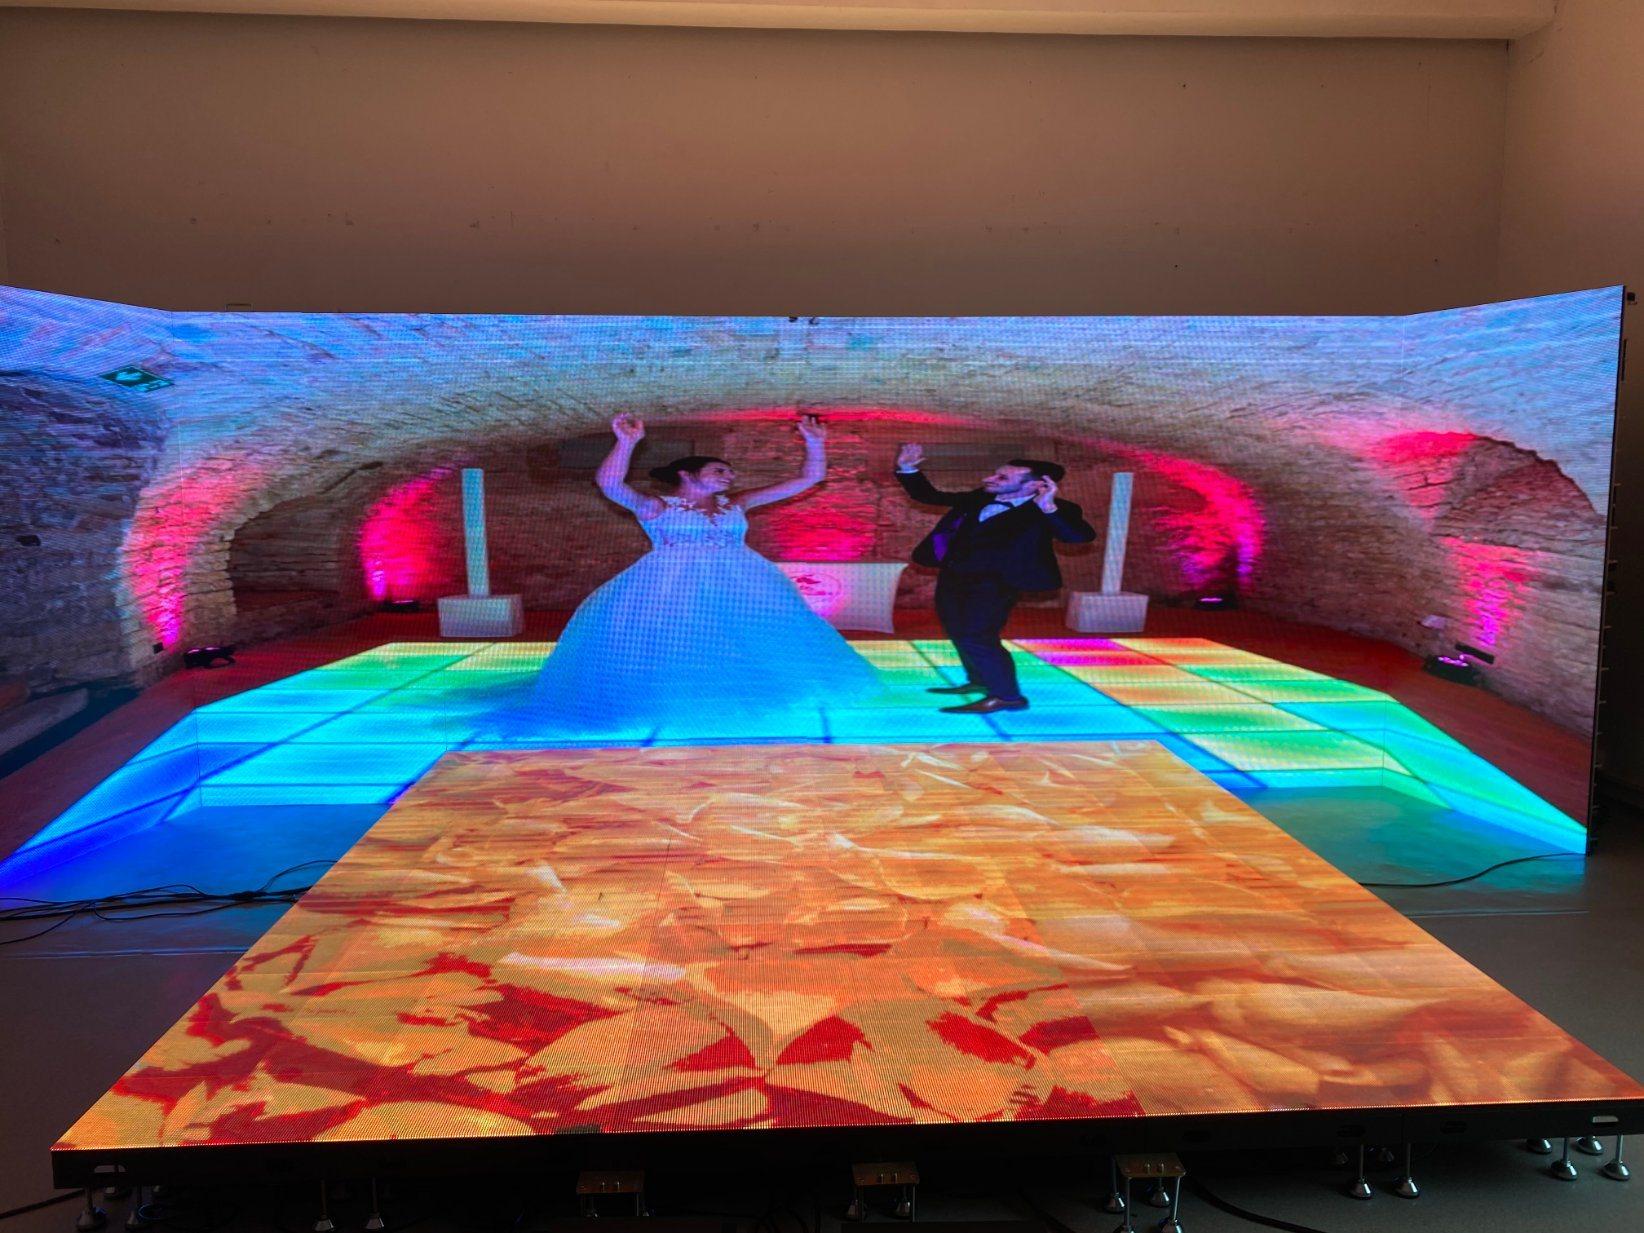 LED ステージ P15.6 P2 P3.91 LED スクリーン 500X500 室内が空です キャビネット